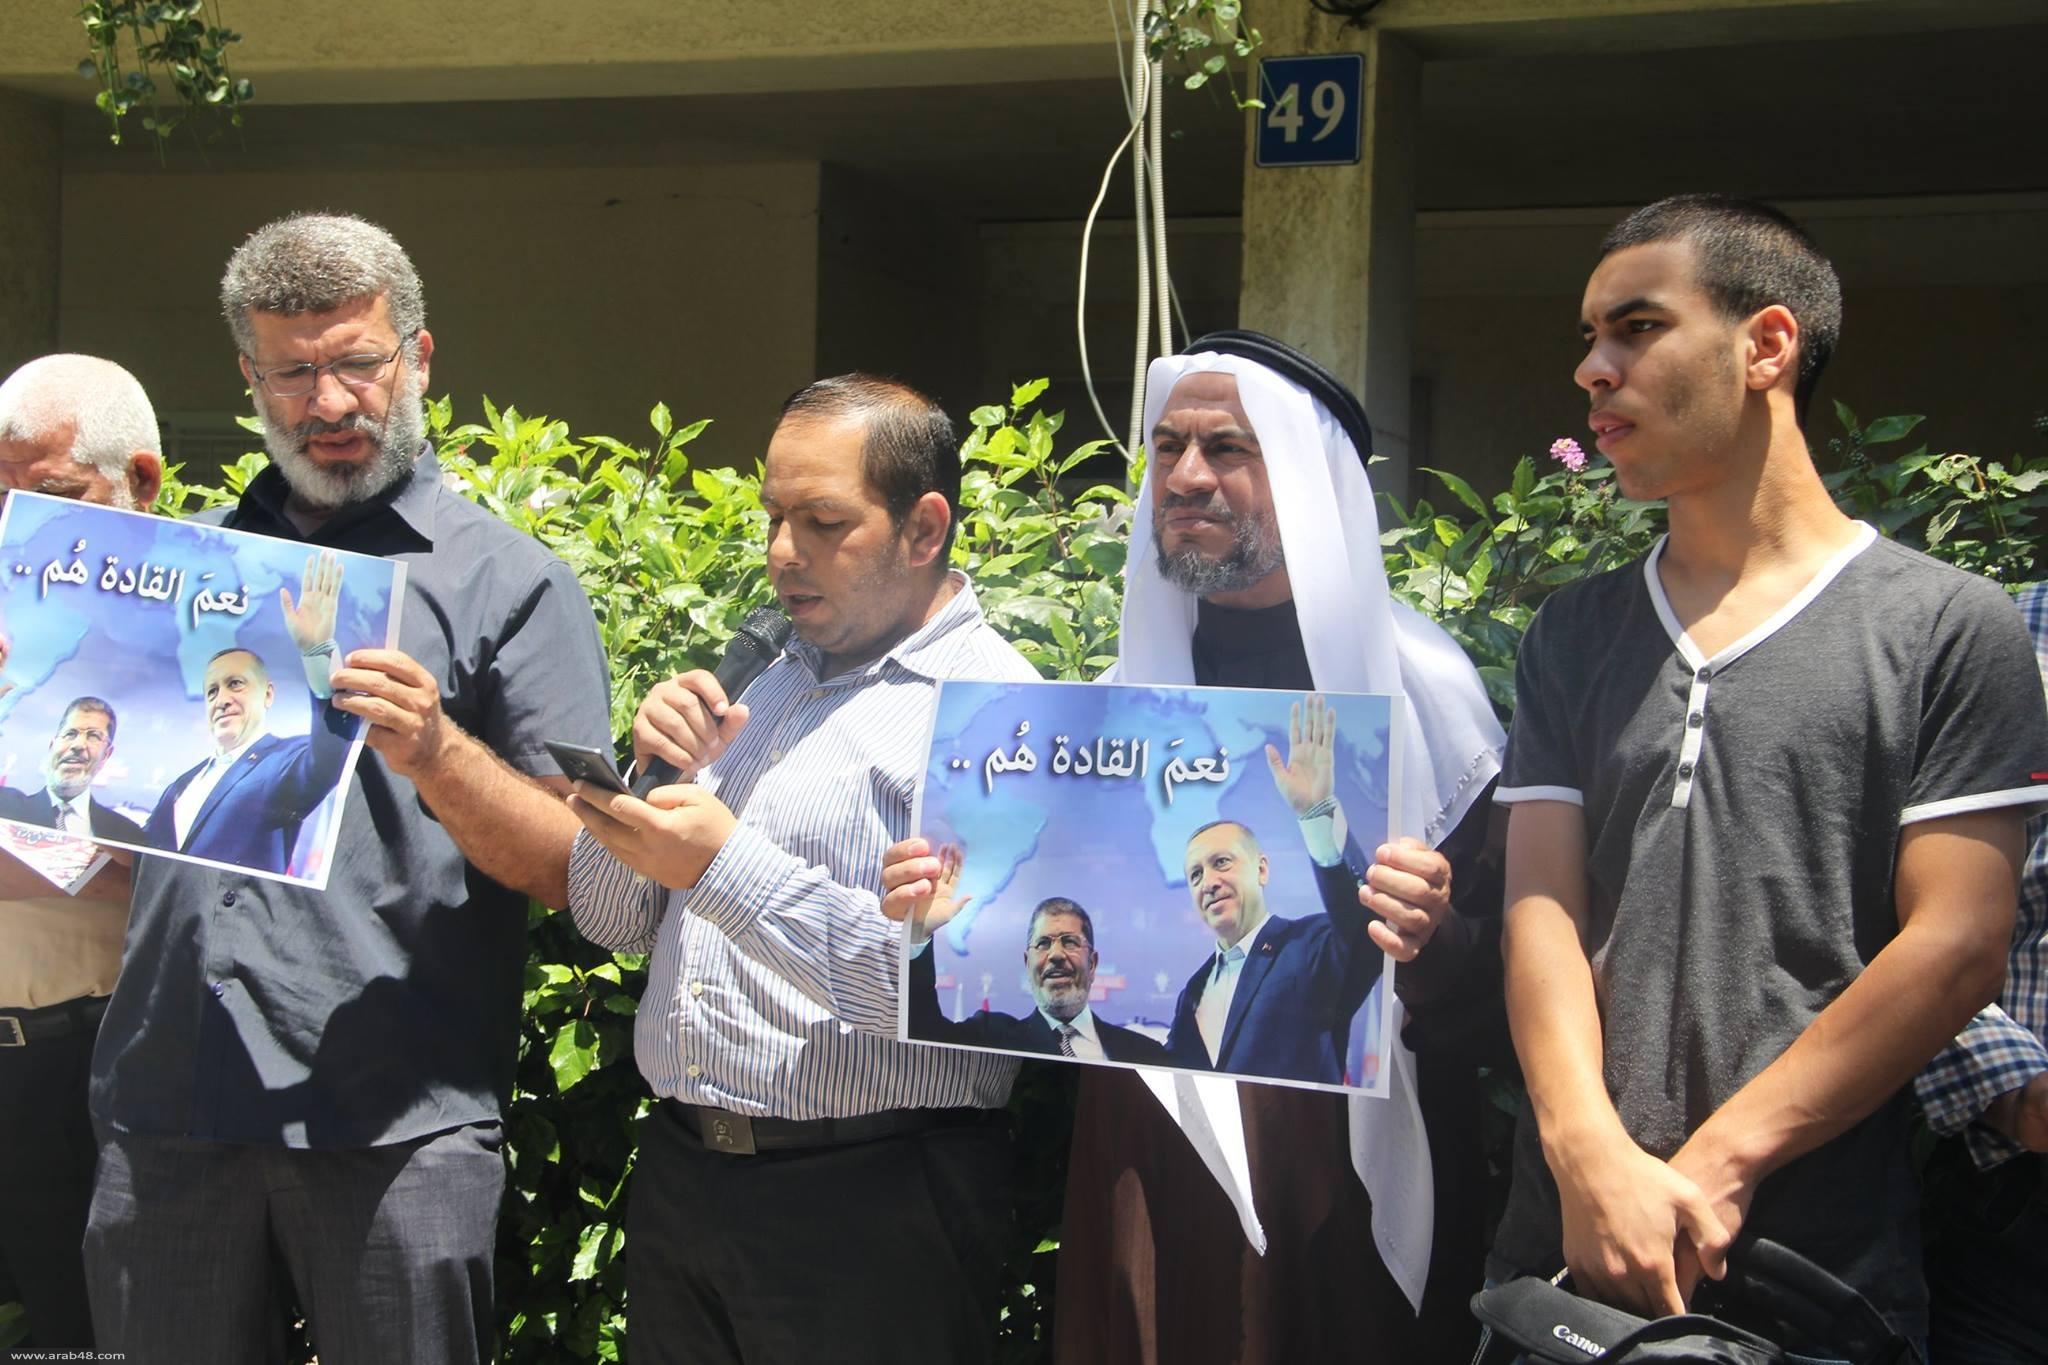 الحركة الإسلامية تتظاهر أمام سفارة مصر بتل أبيب